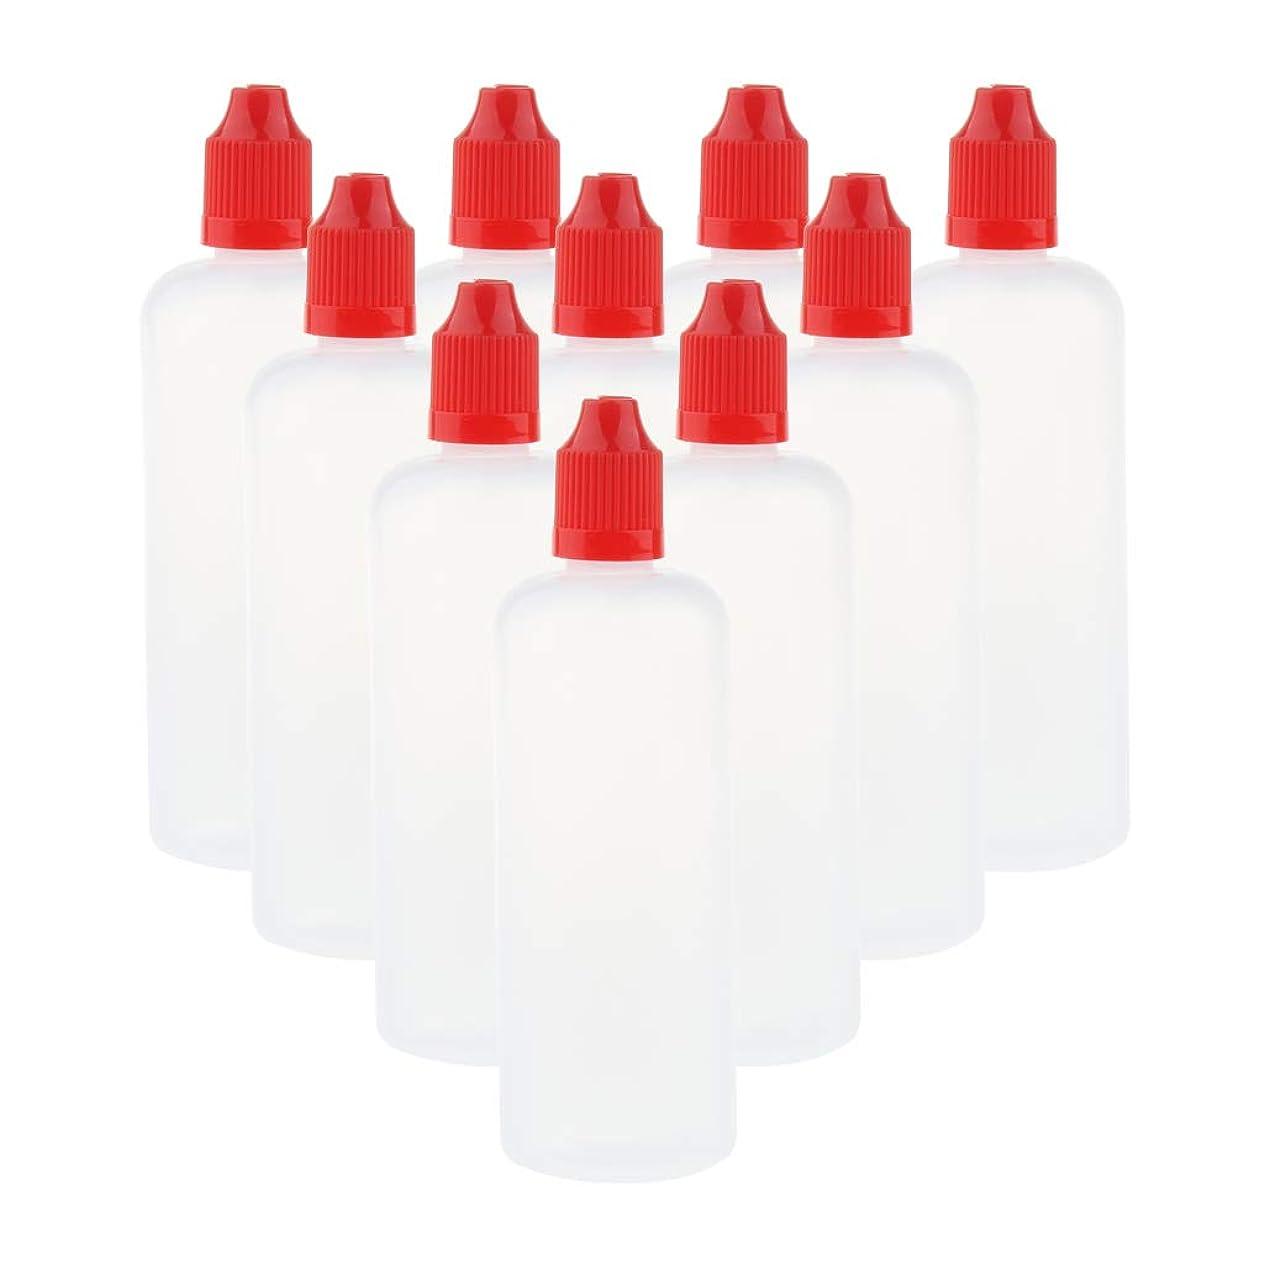 ケーキバケツ絵10個 空ボトル 点滴器 点眼瓶 液体容器 溶剤ボトル 液体芳香剤 詰替え 120ミリ 全6色 - 赤